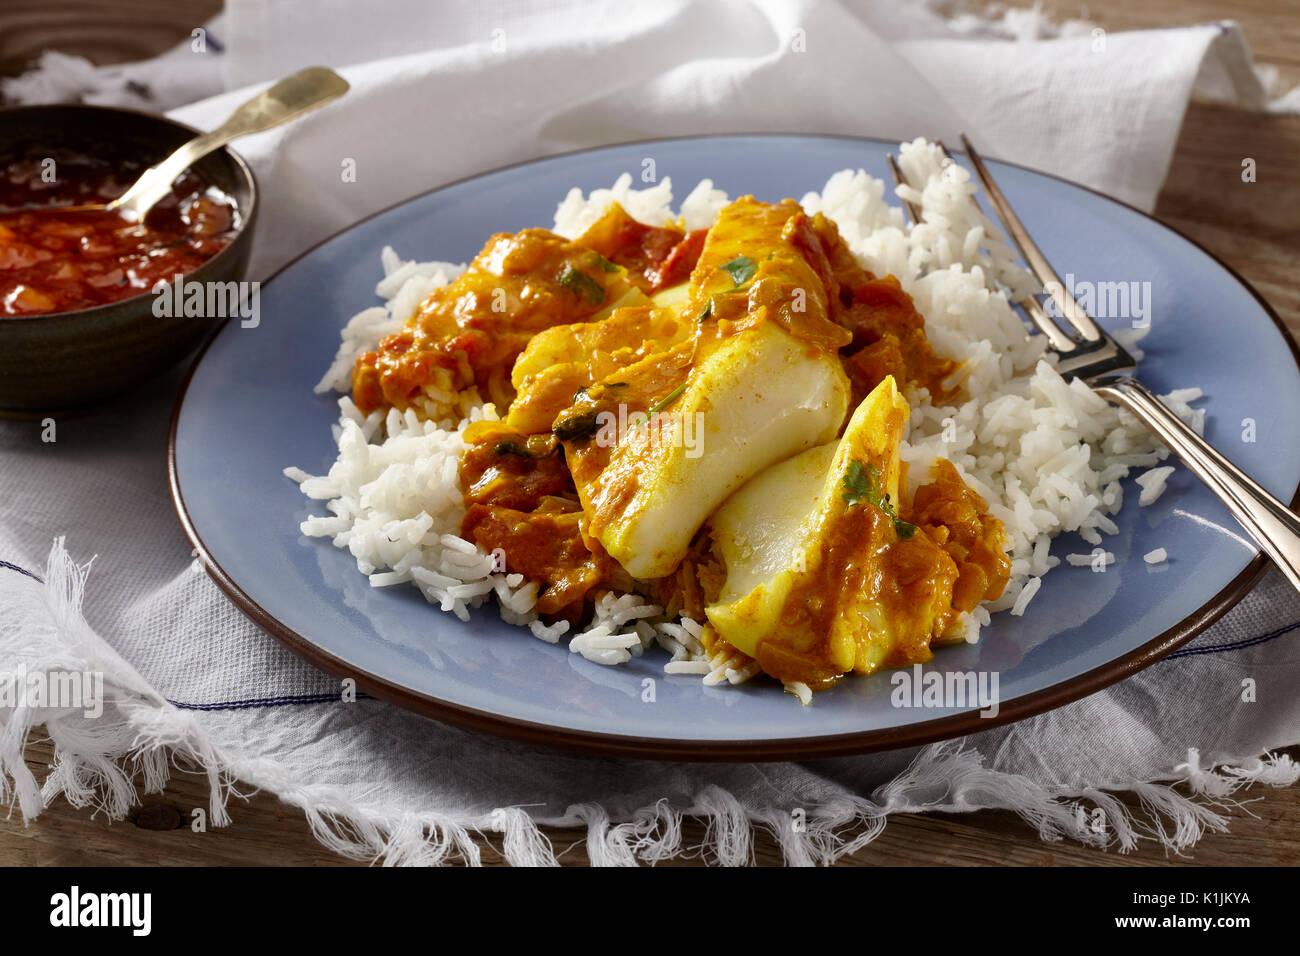 Keralan fish curry - Stock Image